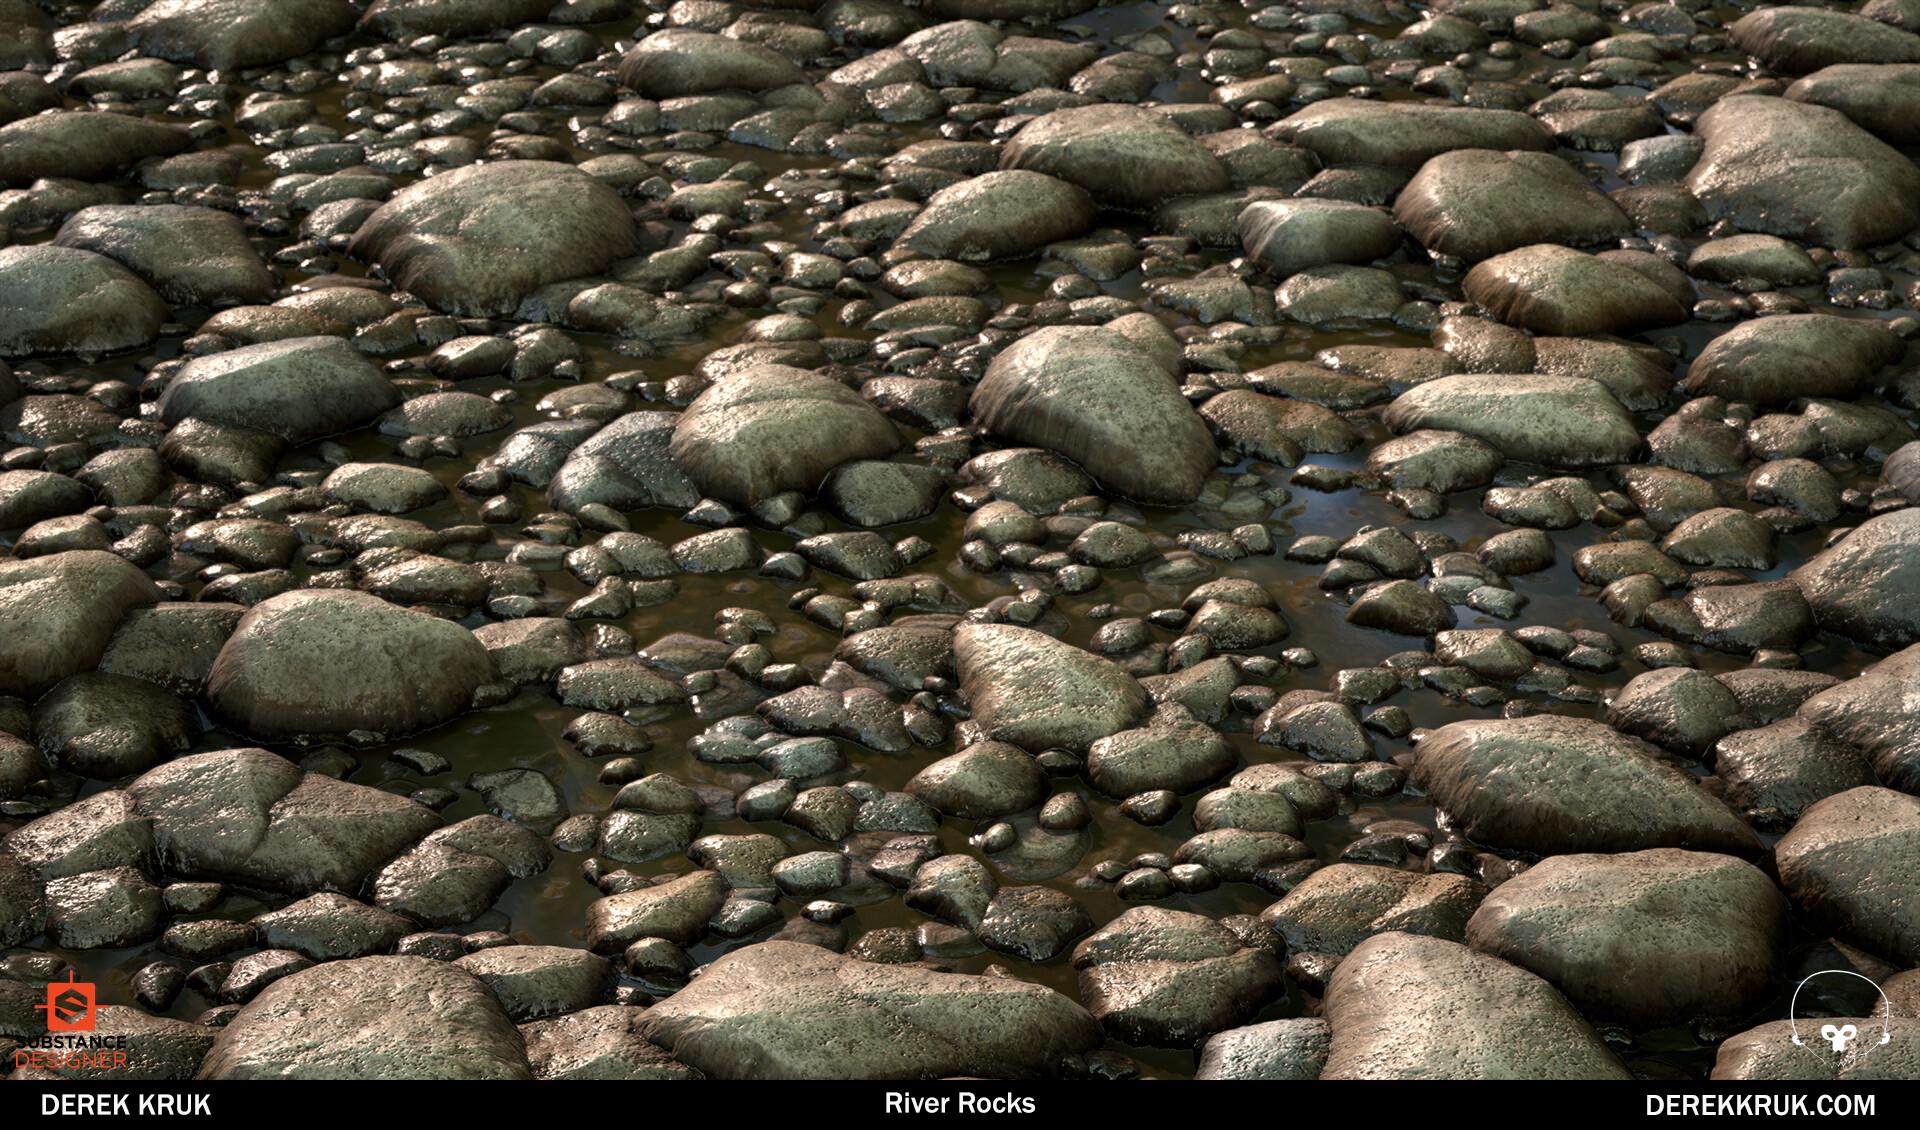 Derek kruk pebble beauty 1